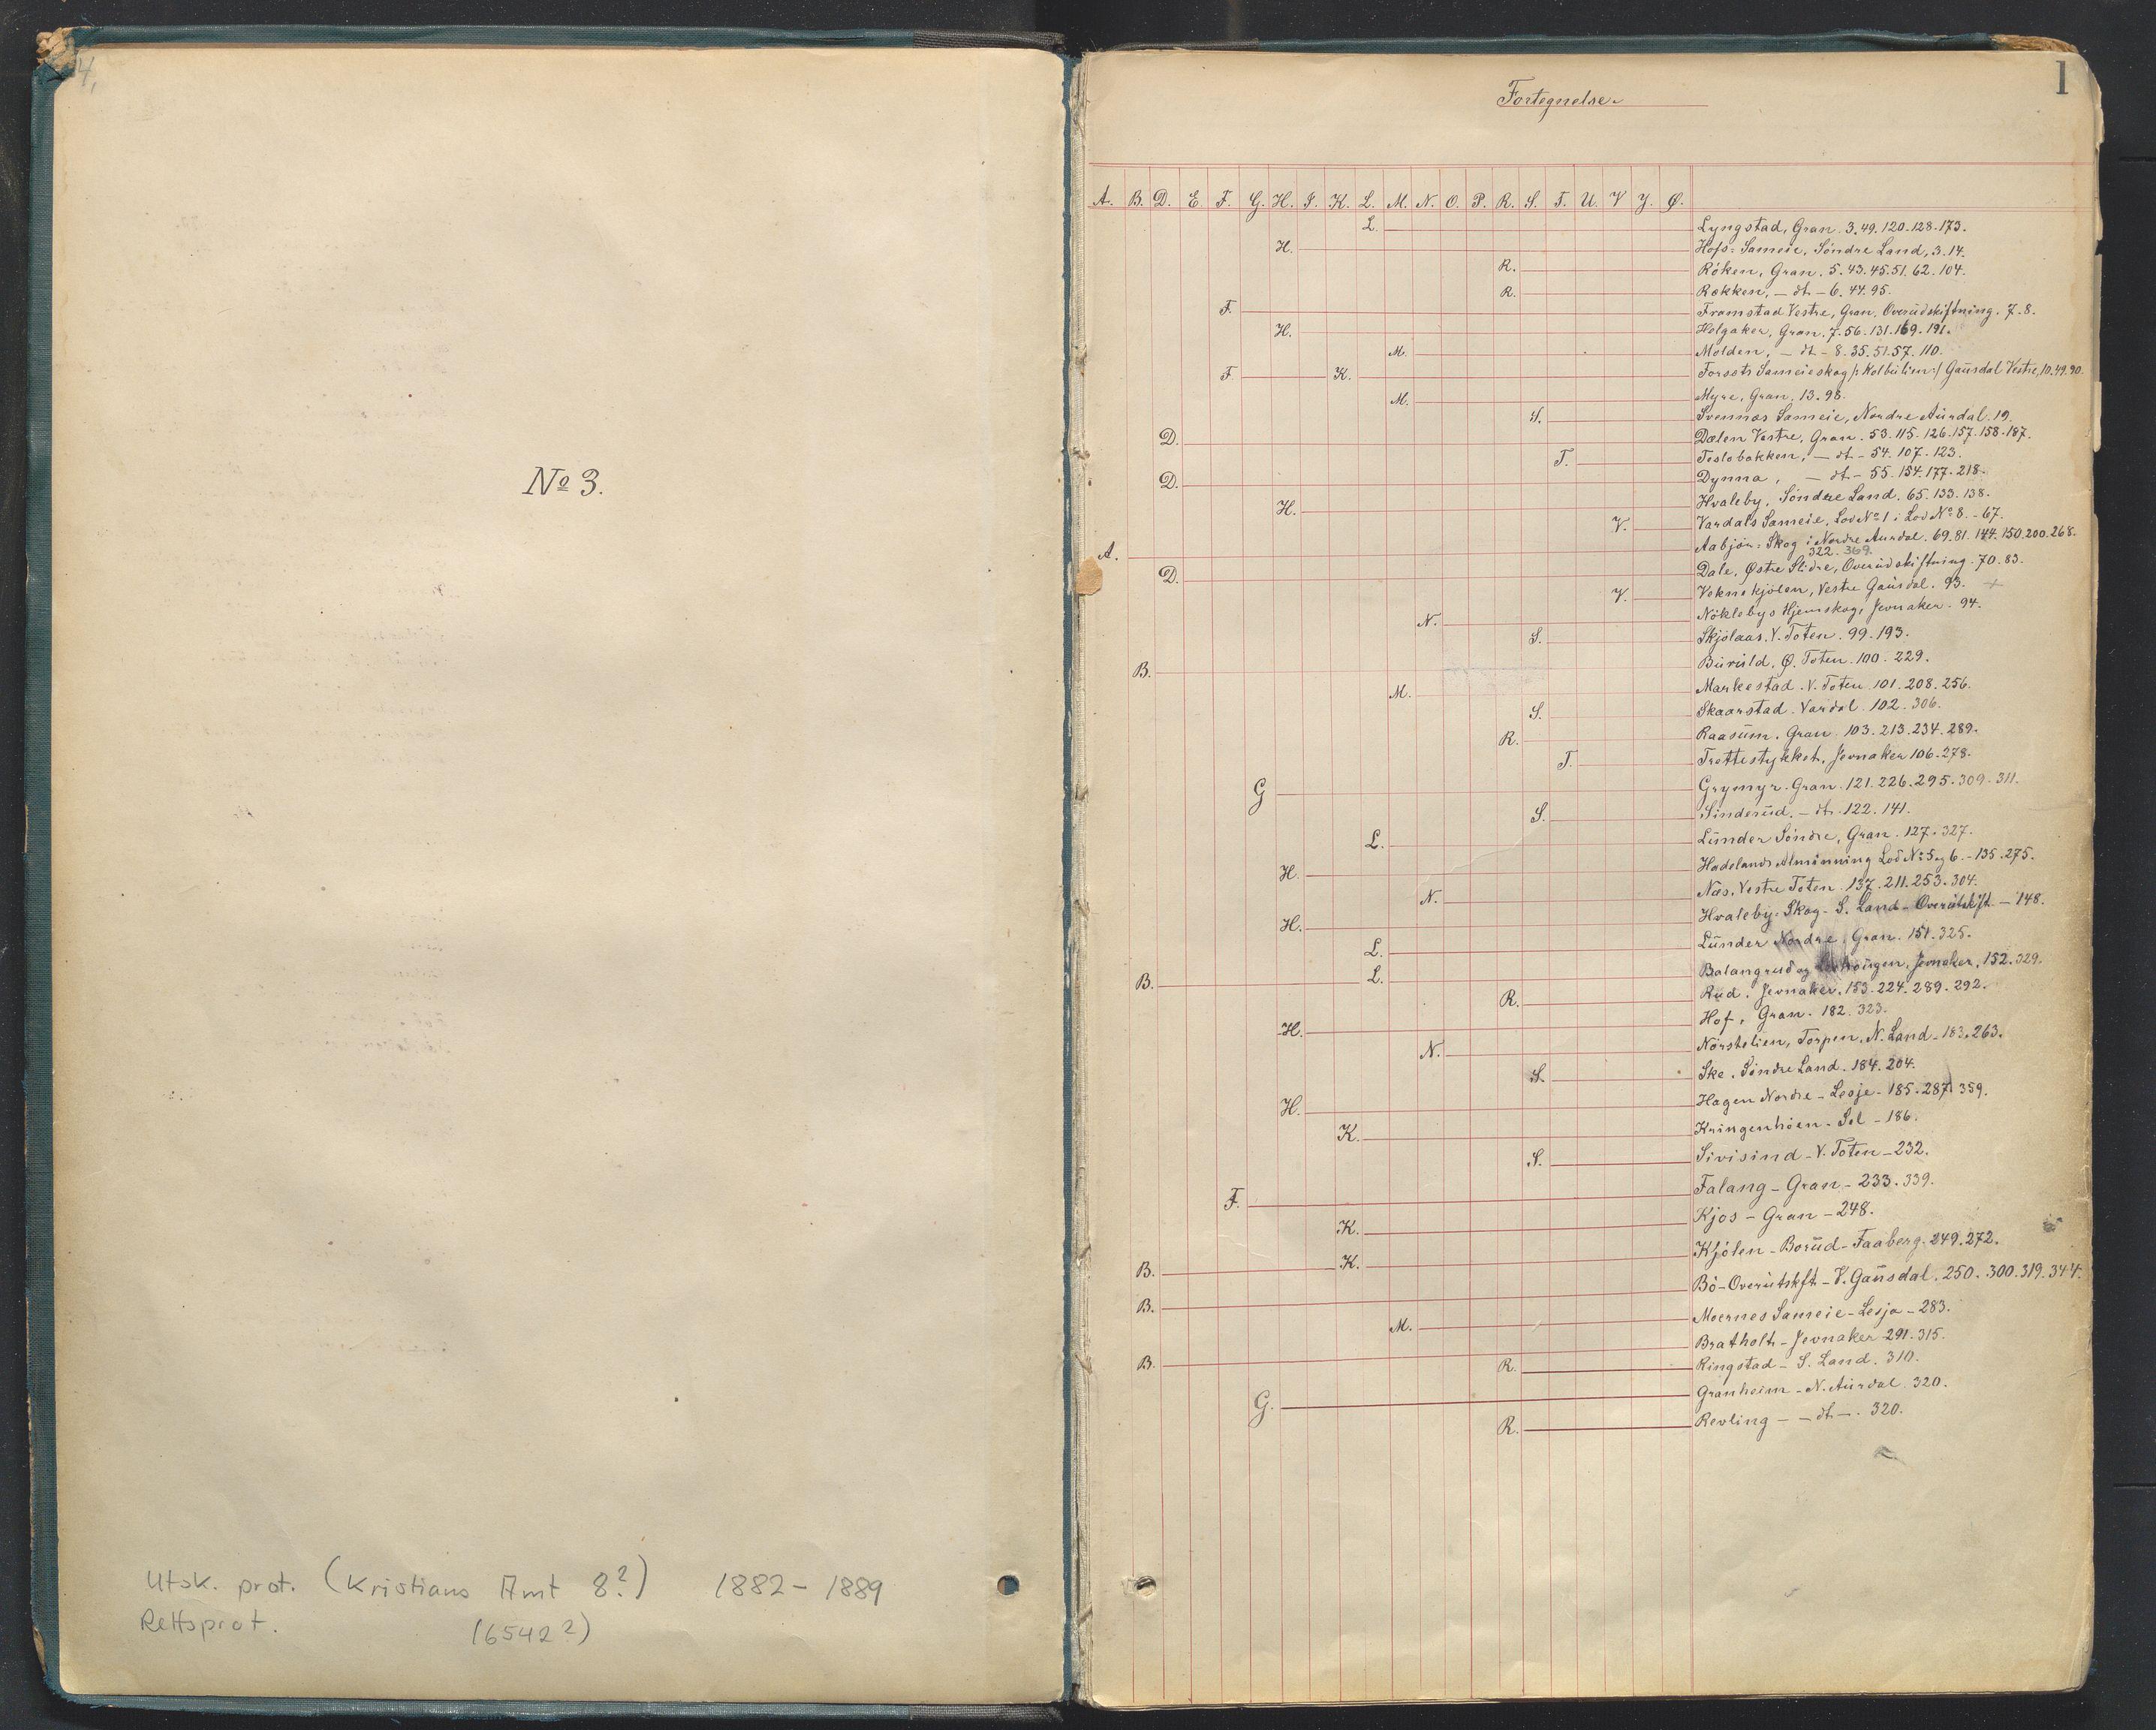 SAH, Utskiftningsformannen i Oppland fylke, H/Hc/Hcg/L0002: Forhandlingsprotokoller , 1882-1889, s. 1